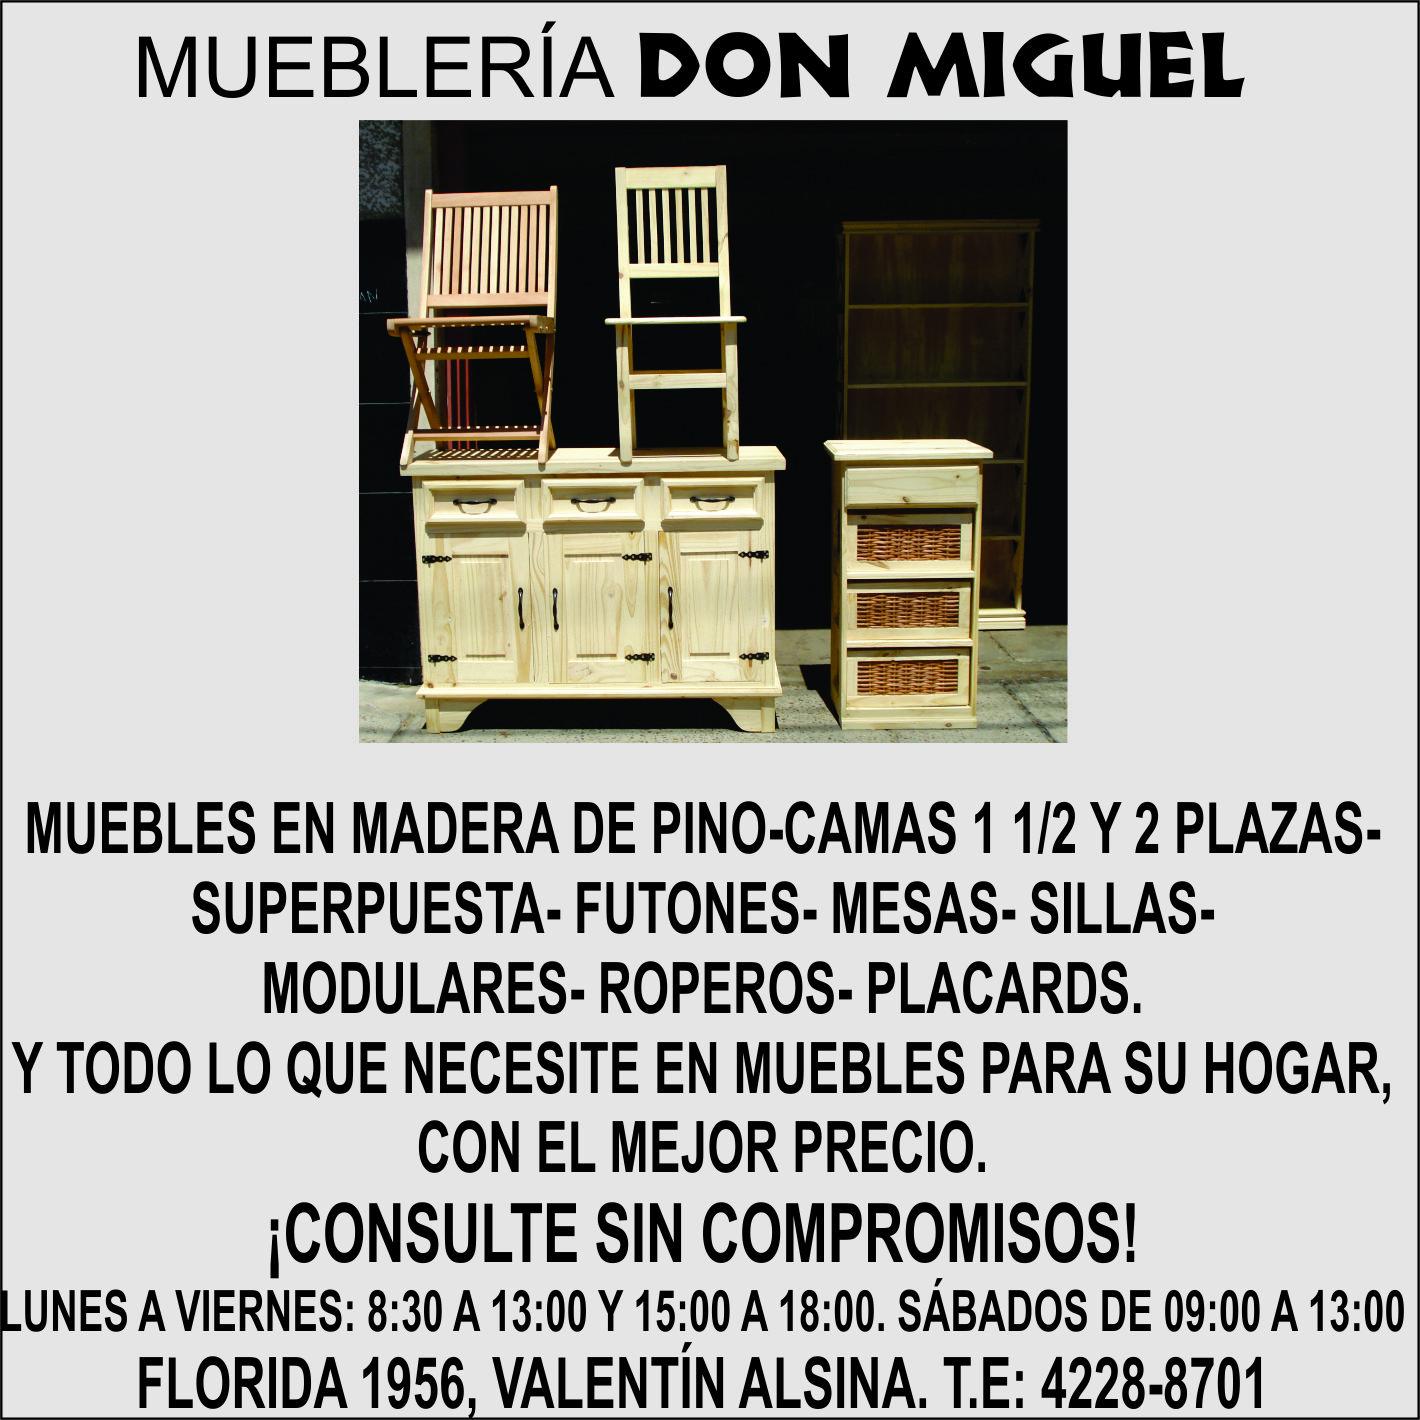 Muebles Don Miguel